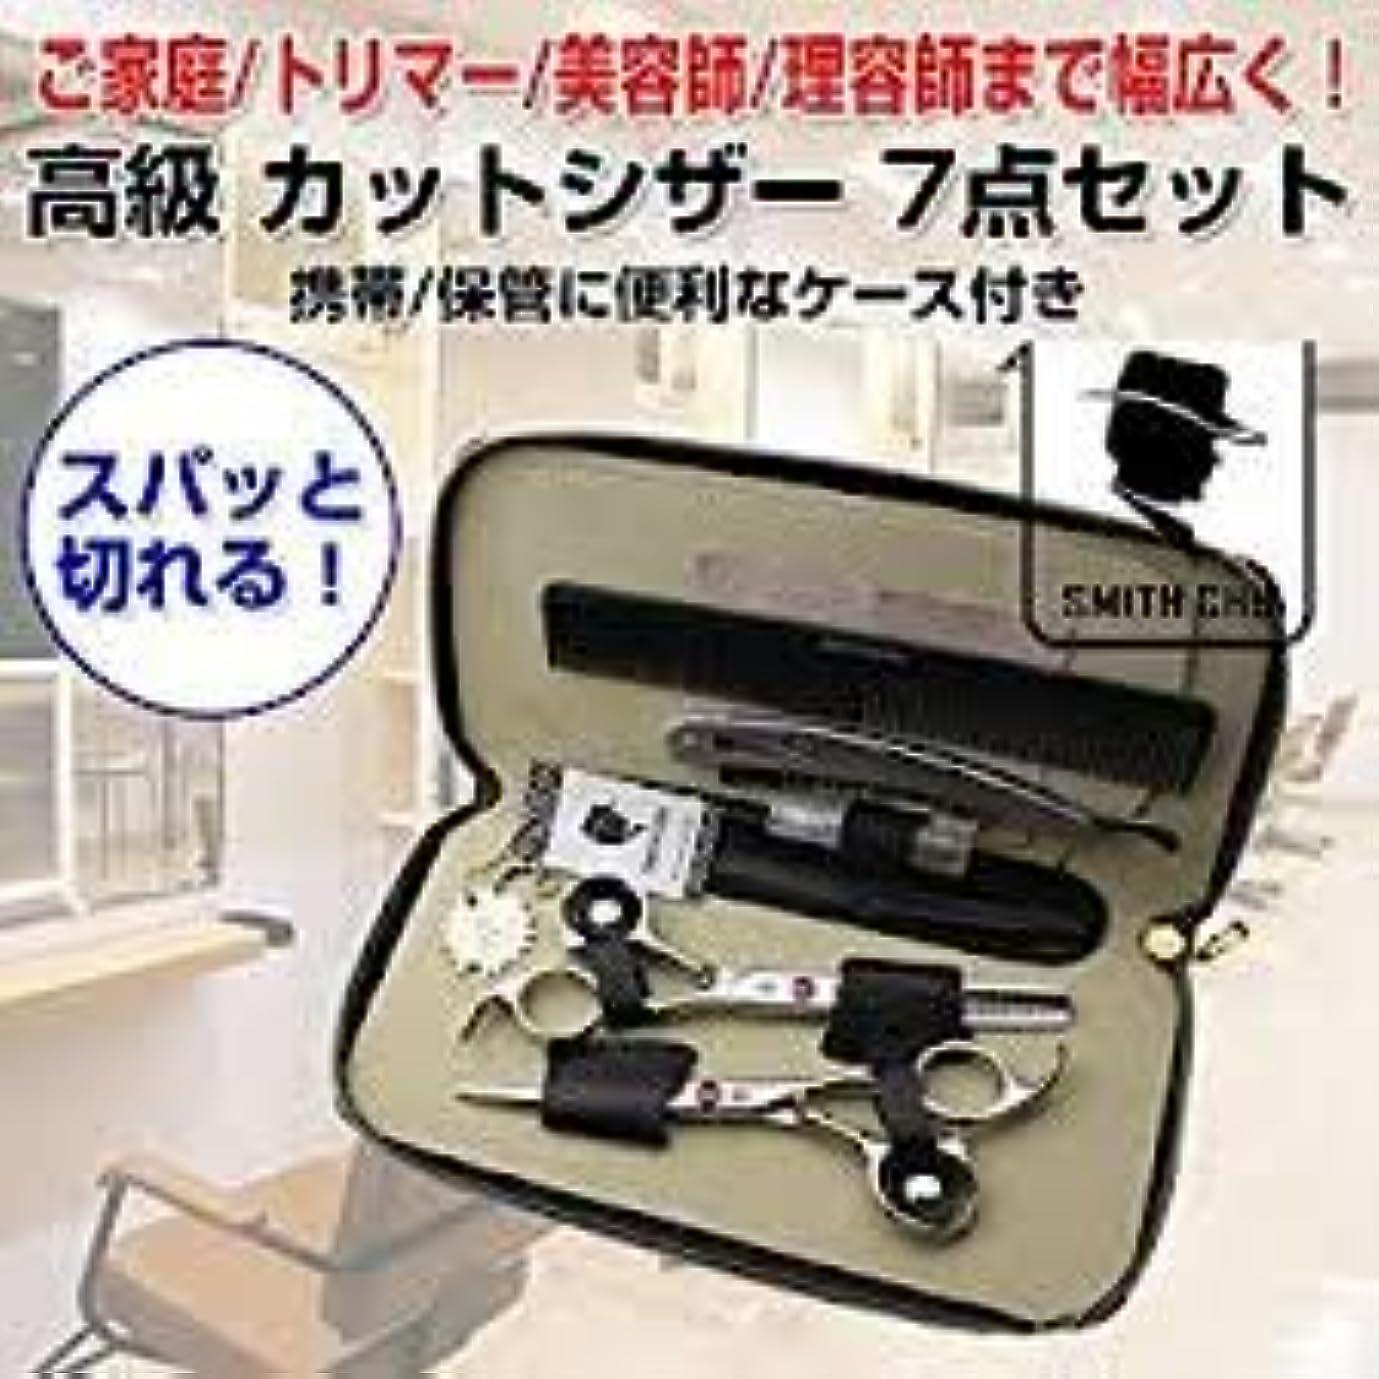 計算するトラップ慢な高級 カットシザー 7点セット 美容師 理容師 トリマー はさみセット スキばさみ ヘアカット 散髪 TASTE-HM101